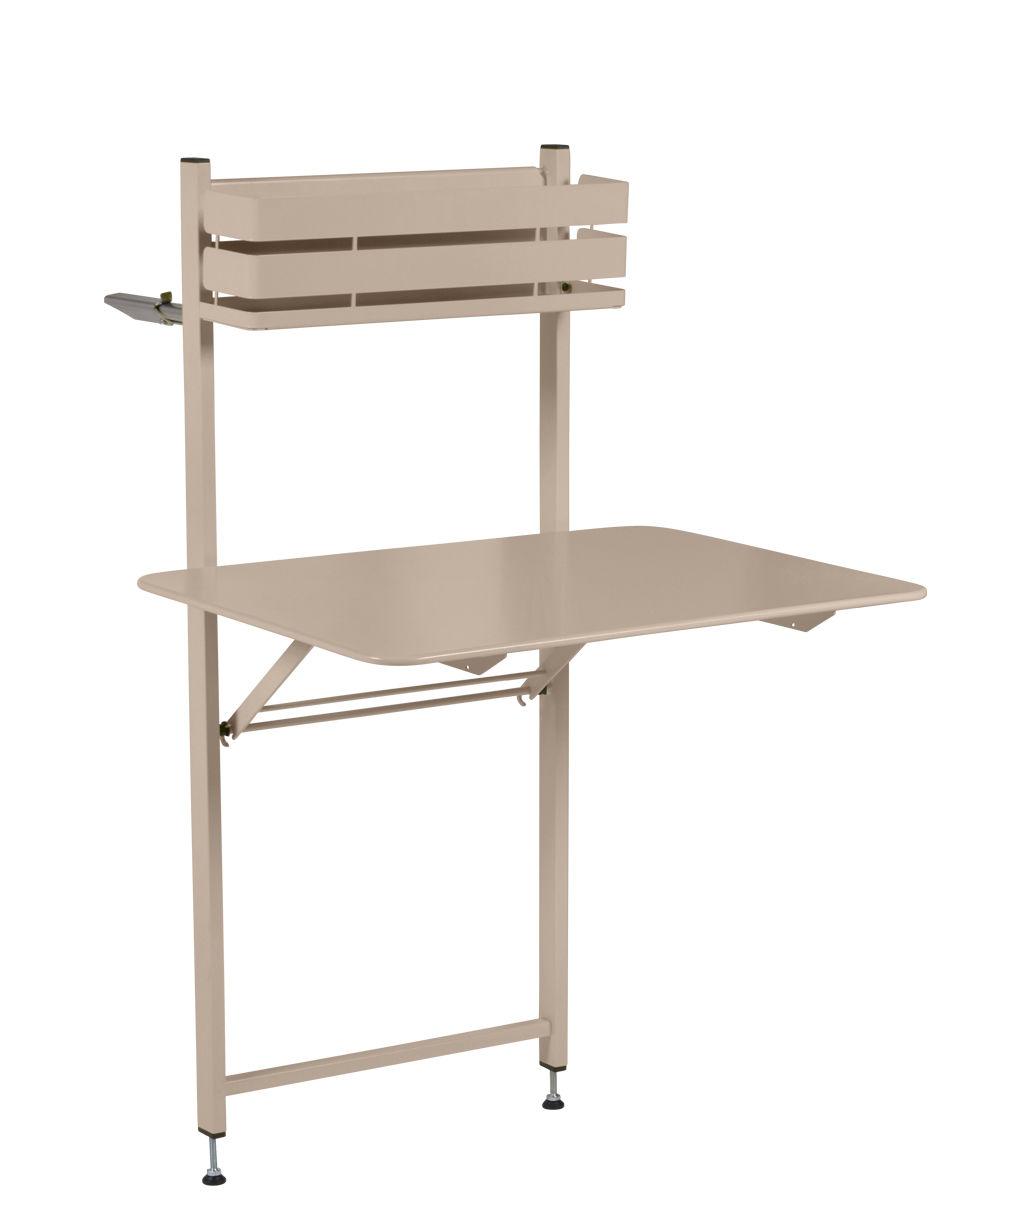 Outdoor - Tavoli  - Tavolo pieghevole Balcon Bistro - / Ribaltabile - 77 x 64 cm di Fermob - Noce moscata - Acciaio verniciato